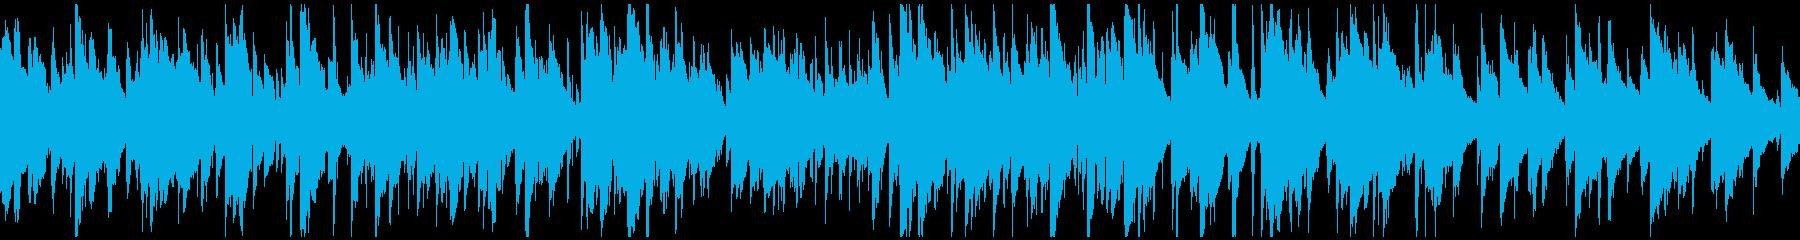 ゆったりピュアな綺麗系ジャズ ※ループ版の再生済みの波形